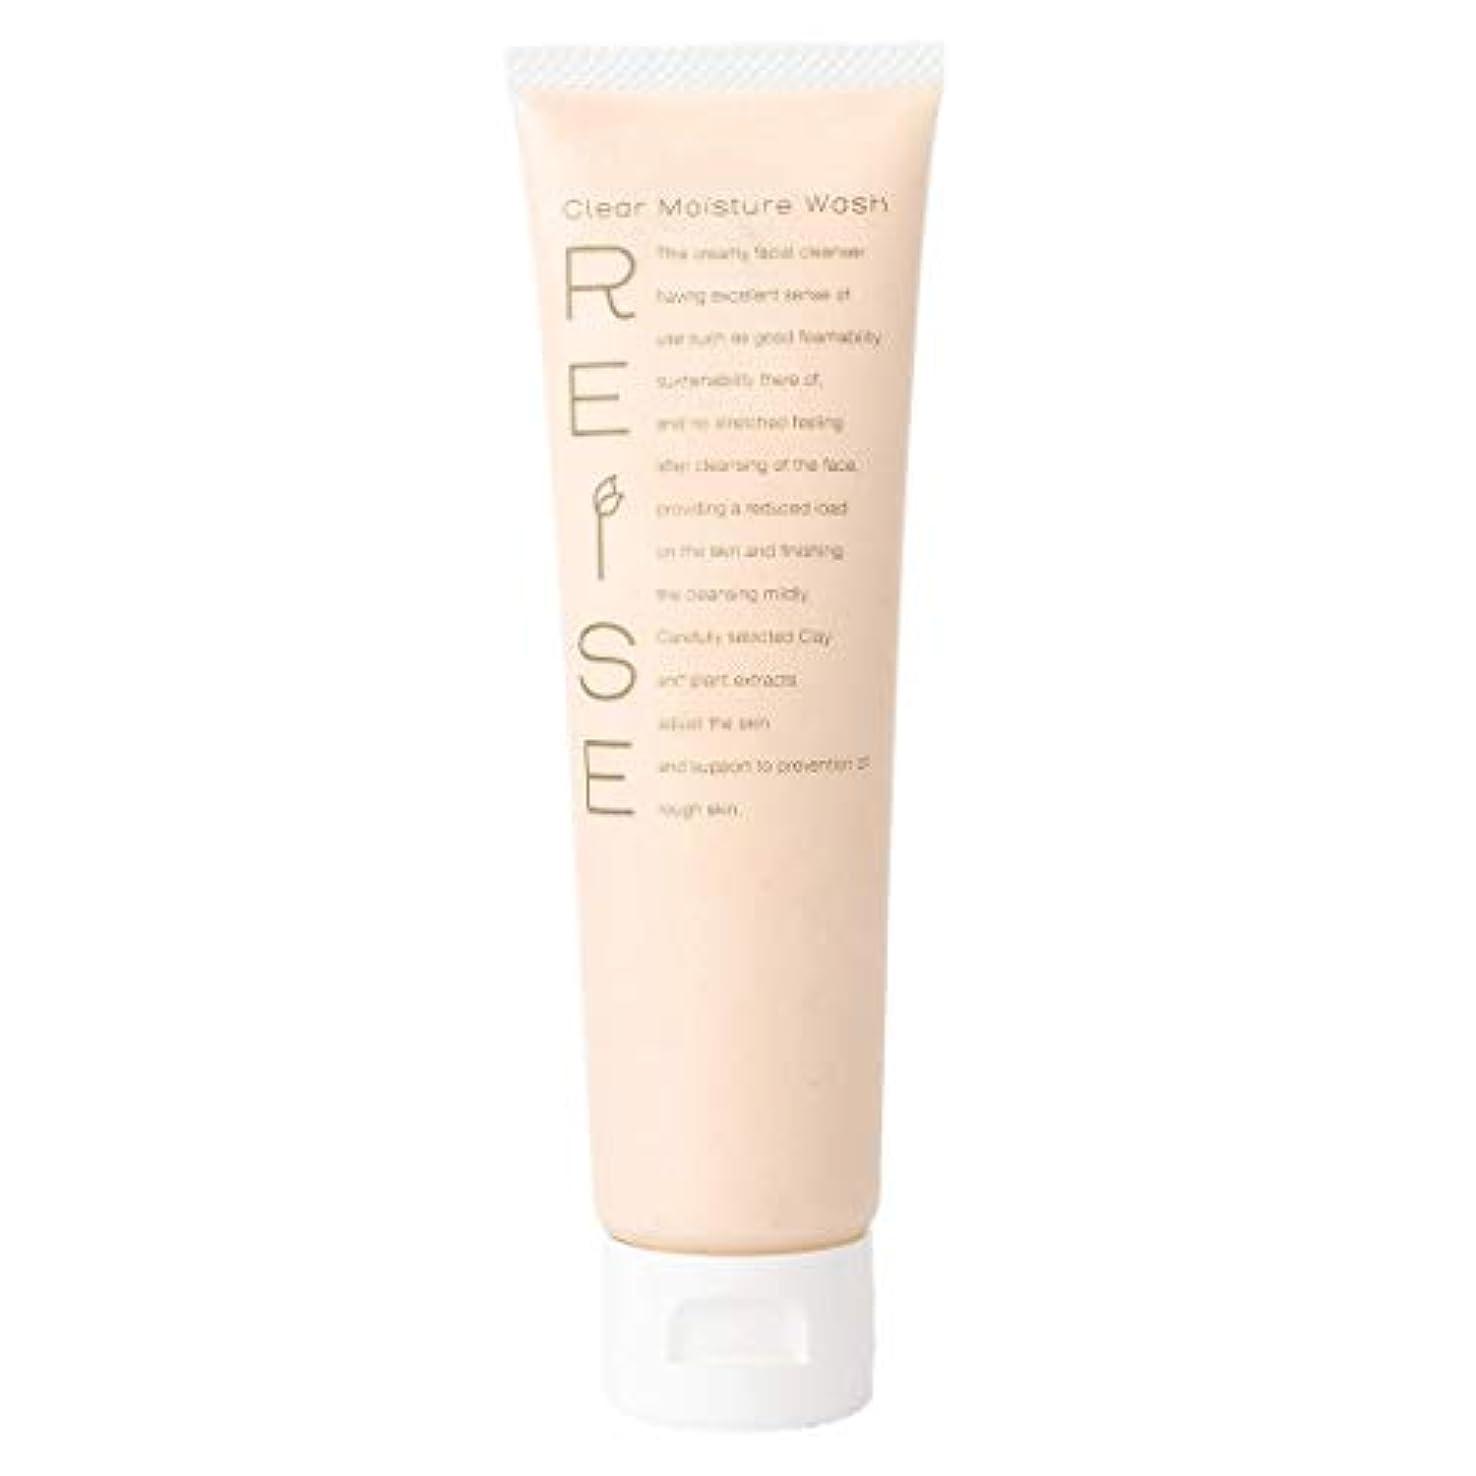 ホステルオフセット些細ライゼ クリア保湿ウォッシュ105g 発酵卵白の羽泡で潤って洗う 洗顔フォーム